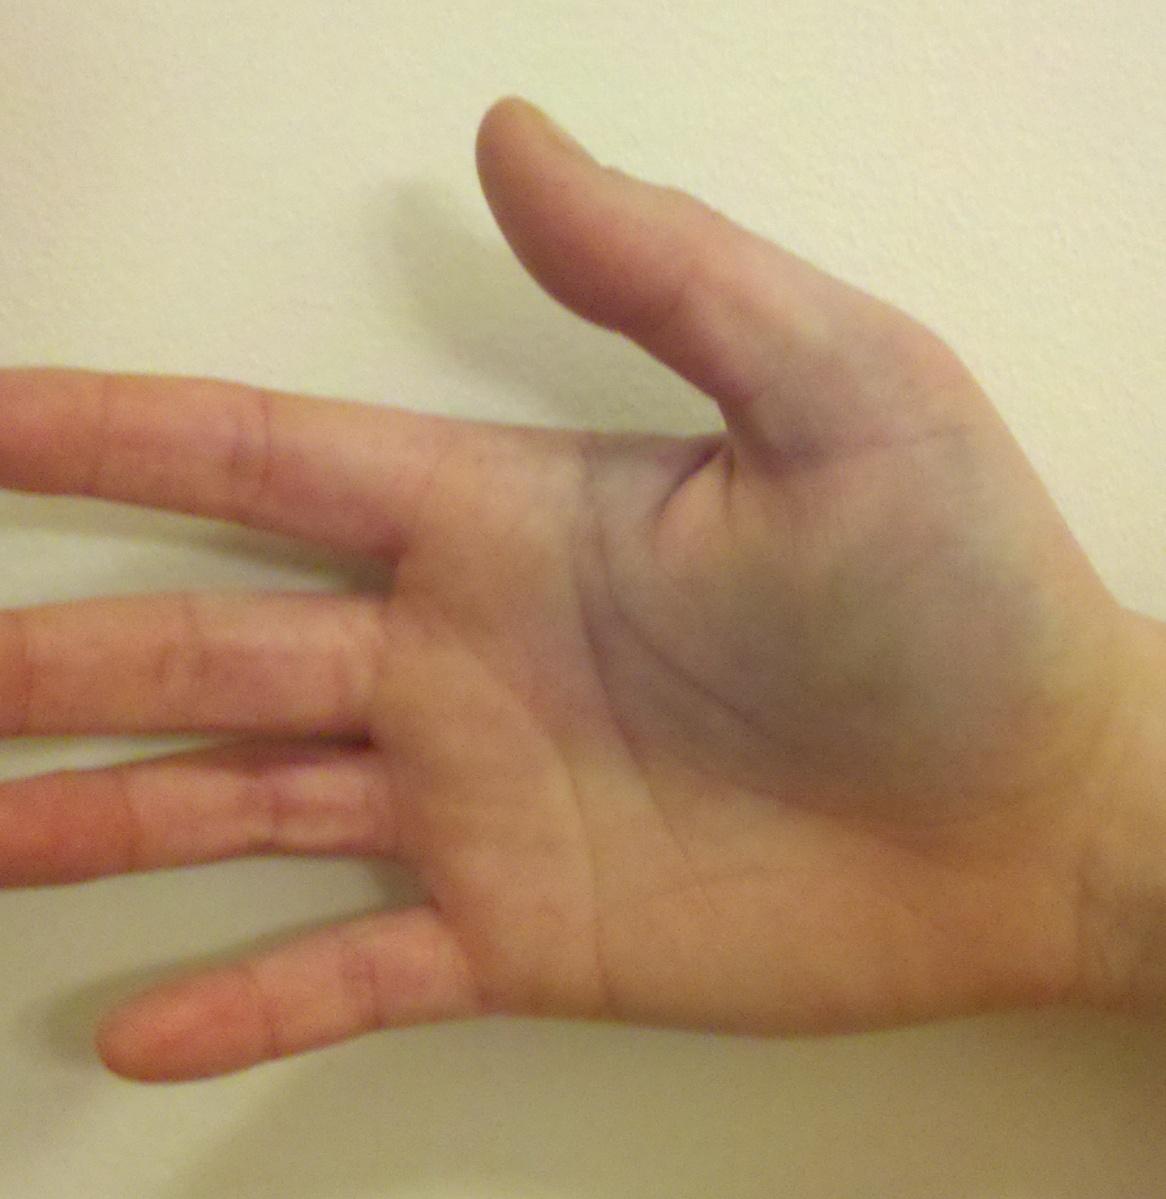 Ушиб пальца на ноге: что делать в домашних условиях и как 52